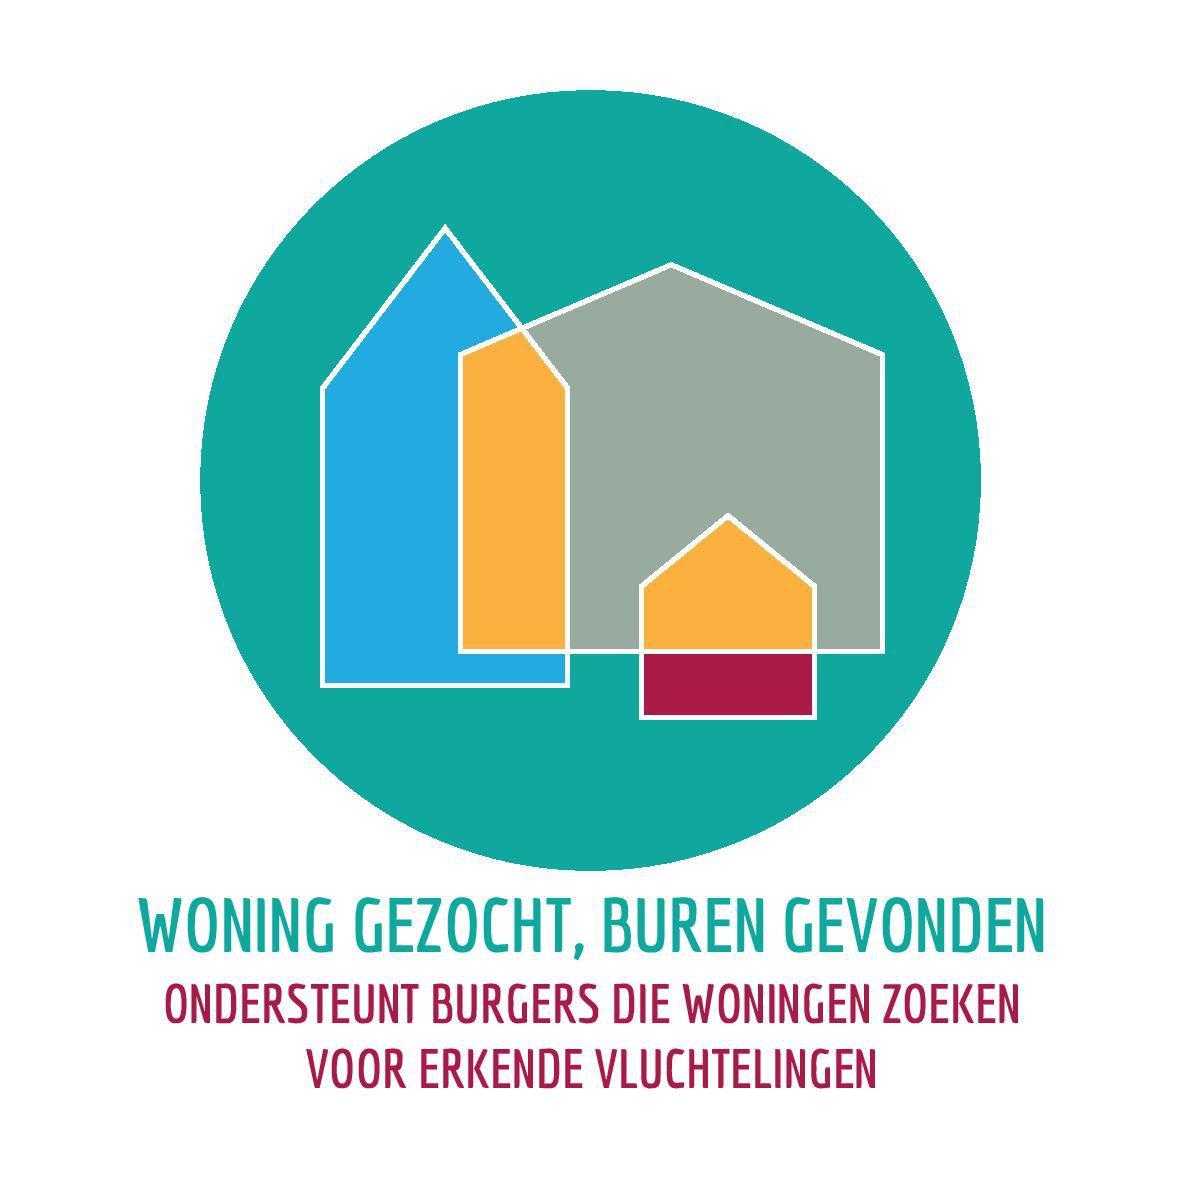 9 december   Netwerkdag en evaluatie van 'Woning gezocht, buren gevonden'